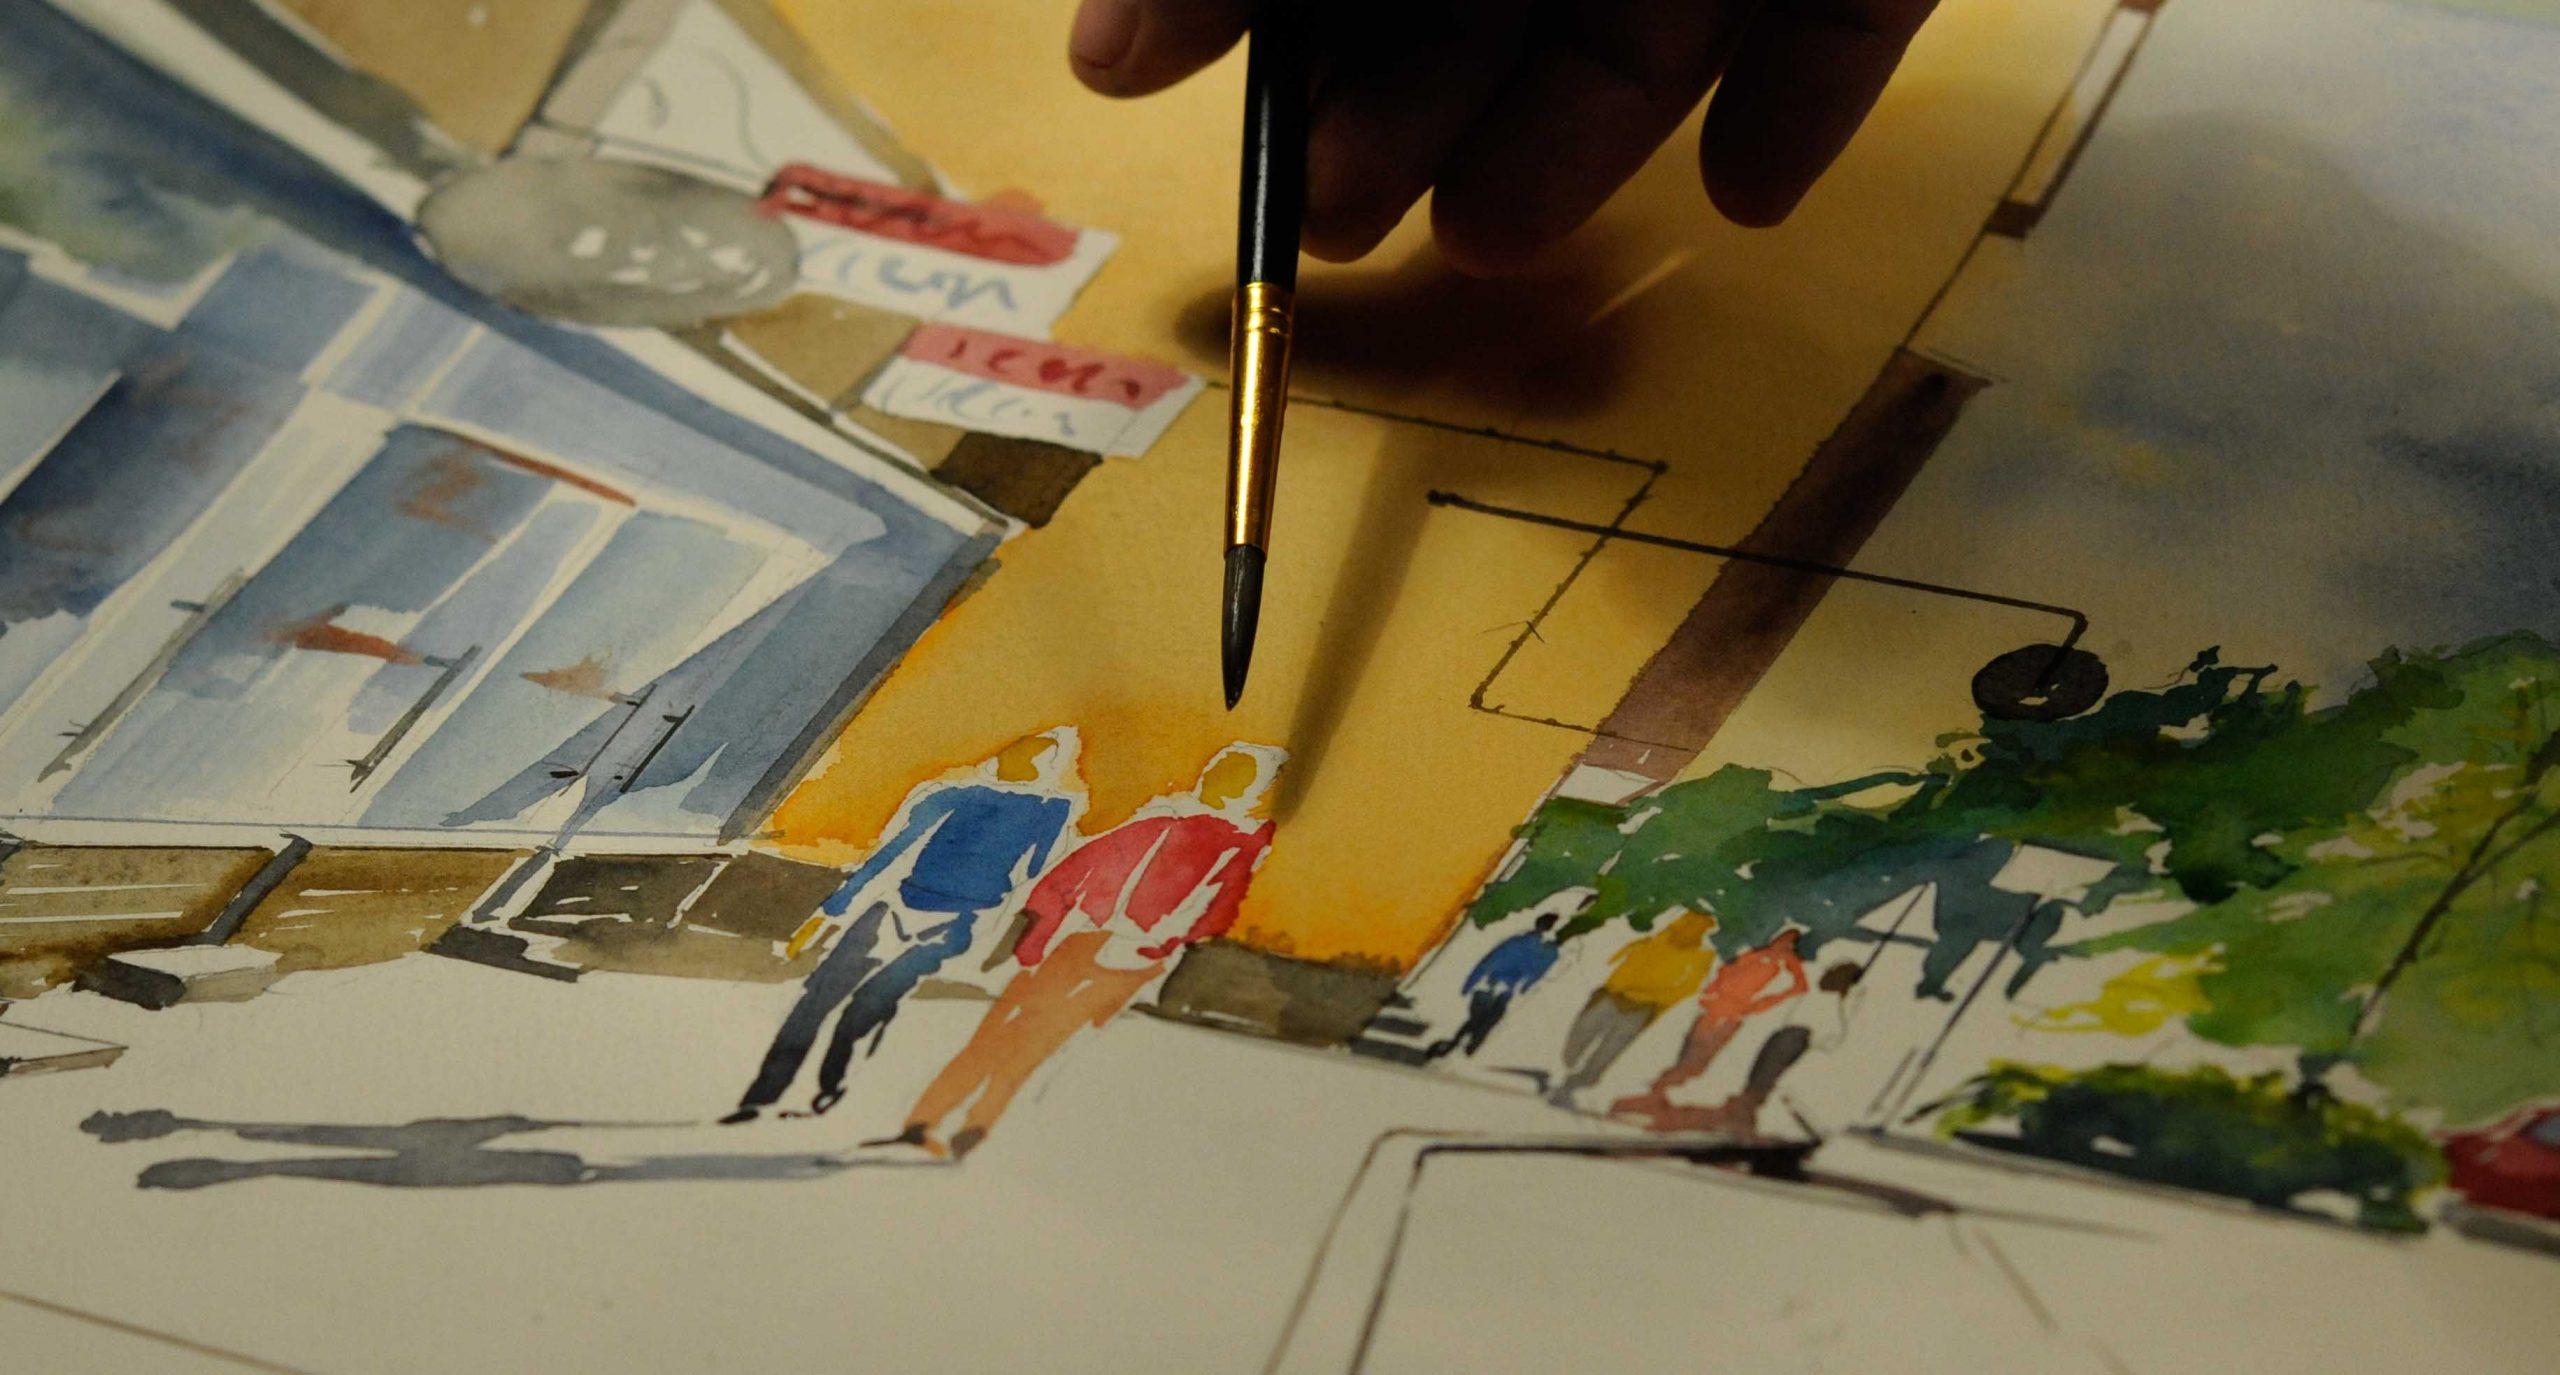 Maalaan akvarellia Harrin taide ja antiikki galleriassa Asemakatu 11 Jyväskylässä la. 8.5.2021 klo.12-15 Tervetuloa